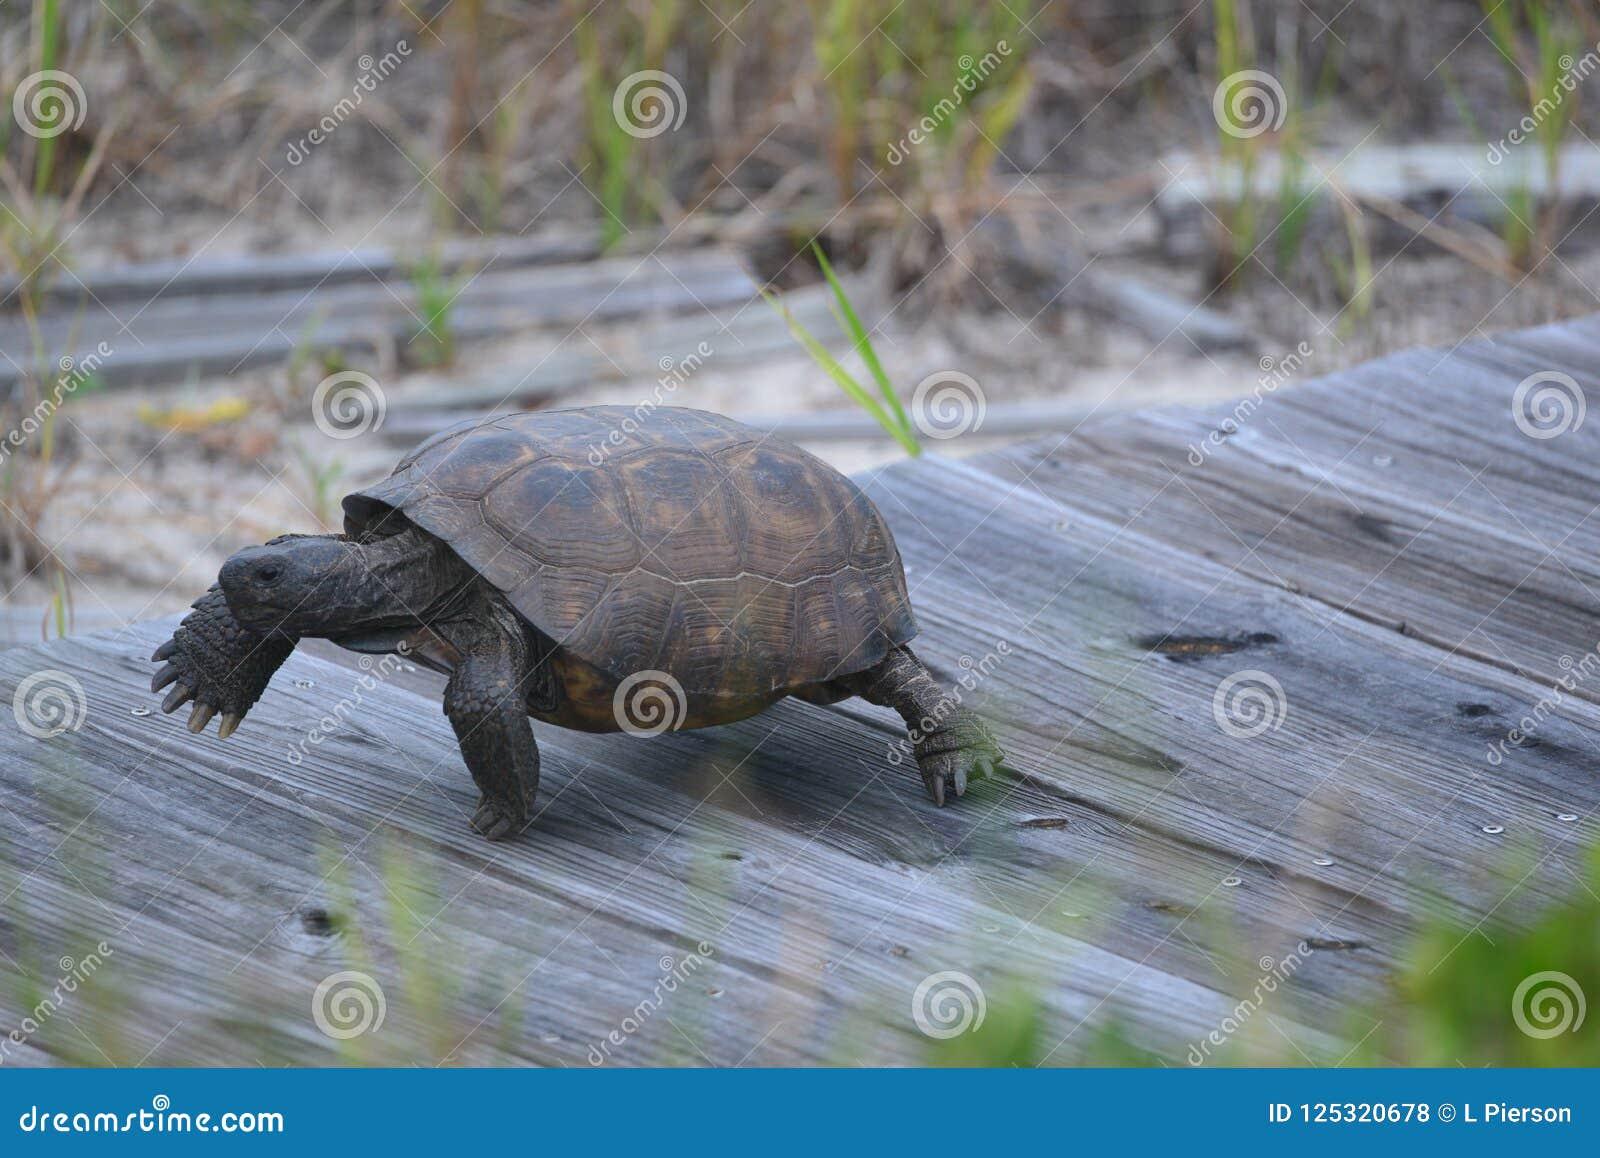 Uma tartaruga de caixa move-se rapidamente para seu ninho usando uma passagem da praia feita da madeira